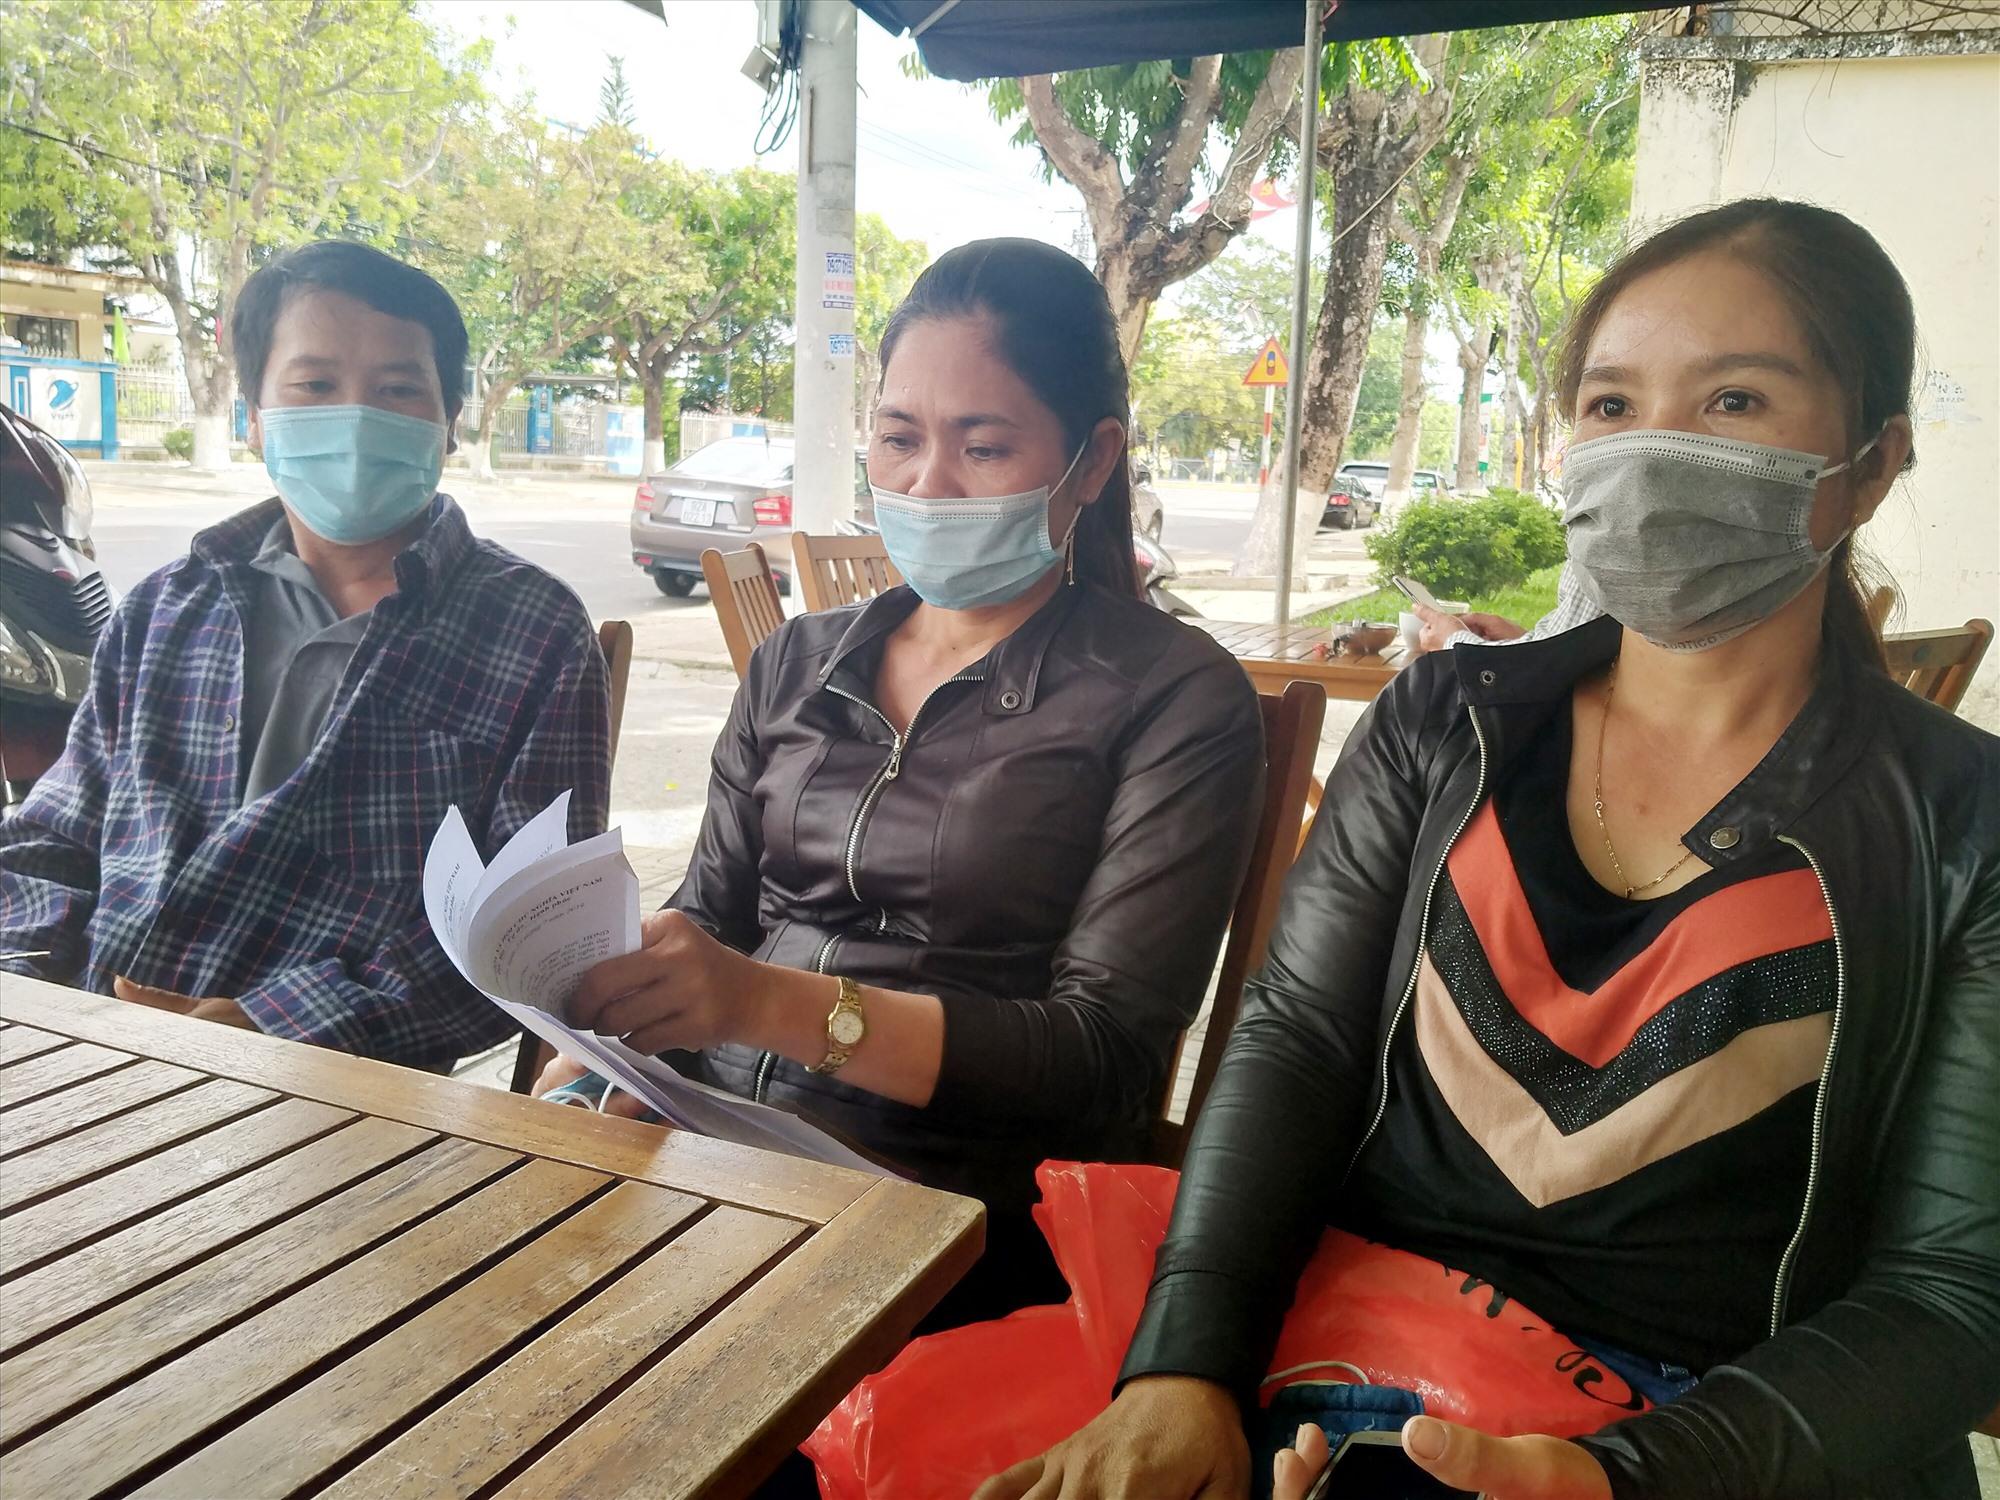 Các hộ dân phản ánh vụ việc tranh chấp đường lâm sinh với hộ ông Nguyễn Có đến nay vẫn chưa được tòa án giải quyết. Ảnh: N.Đ